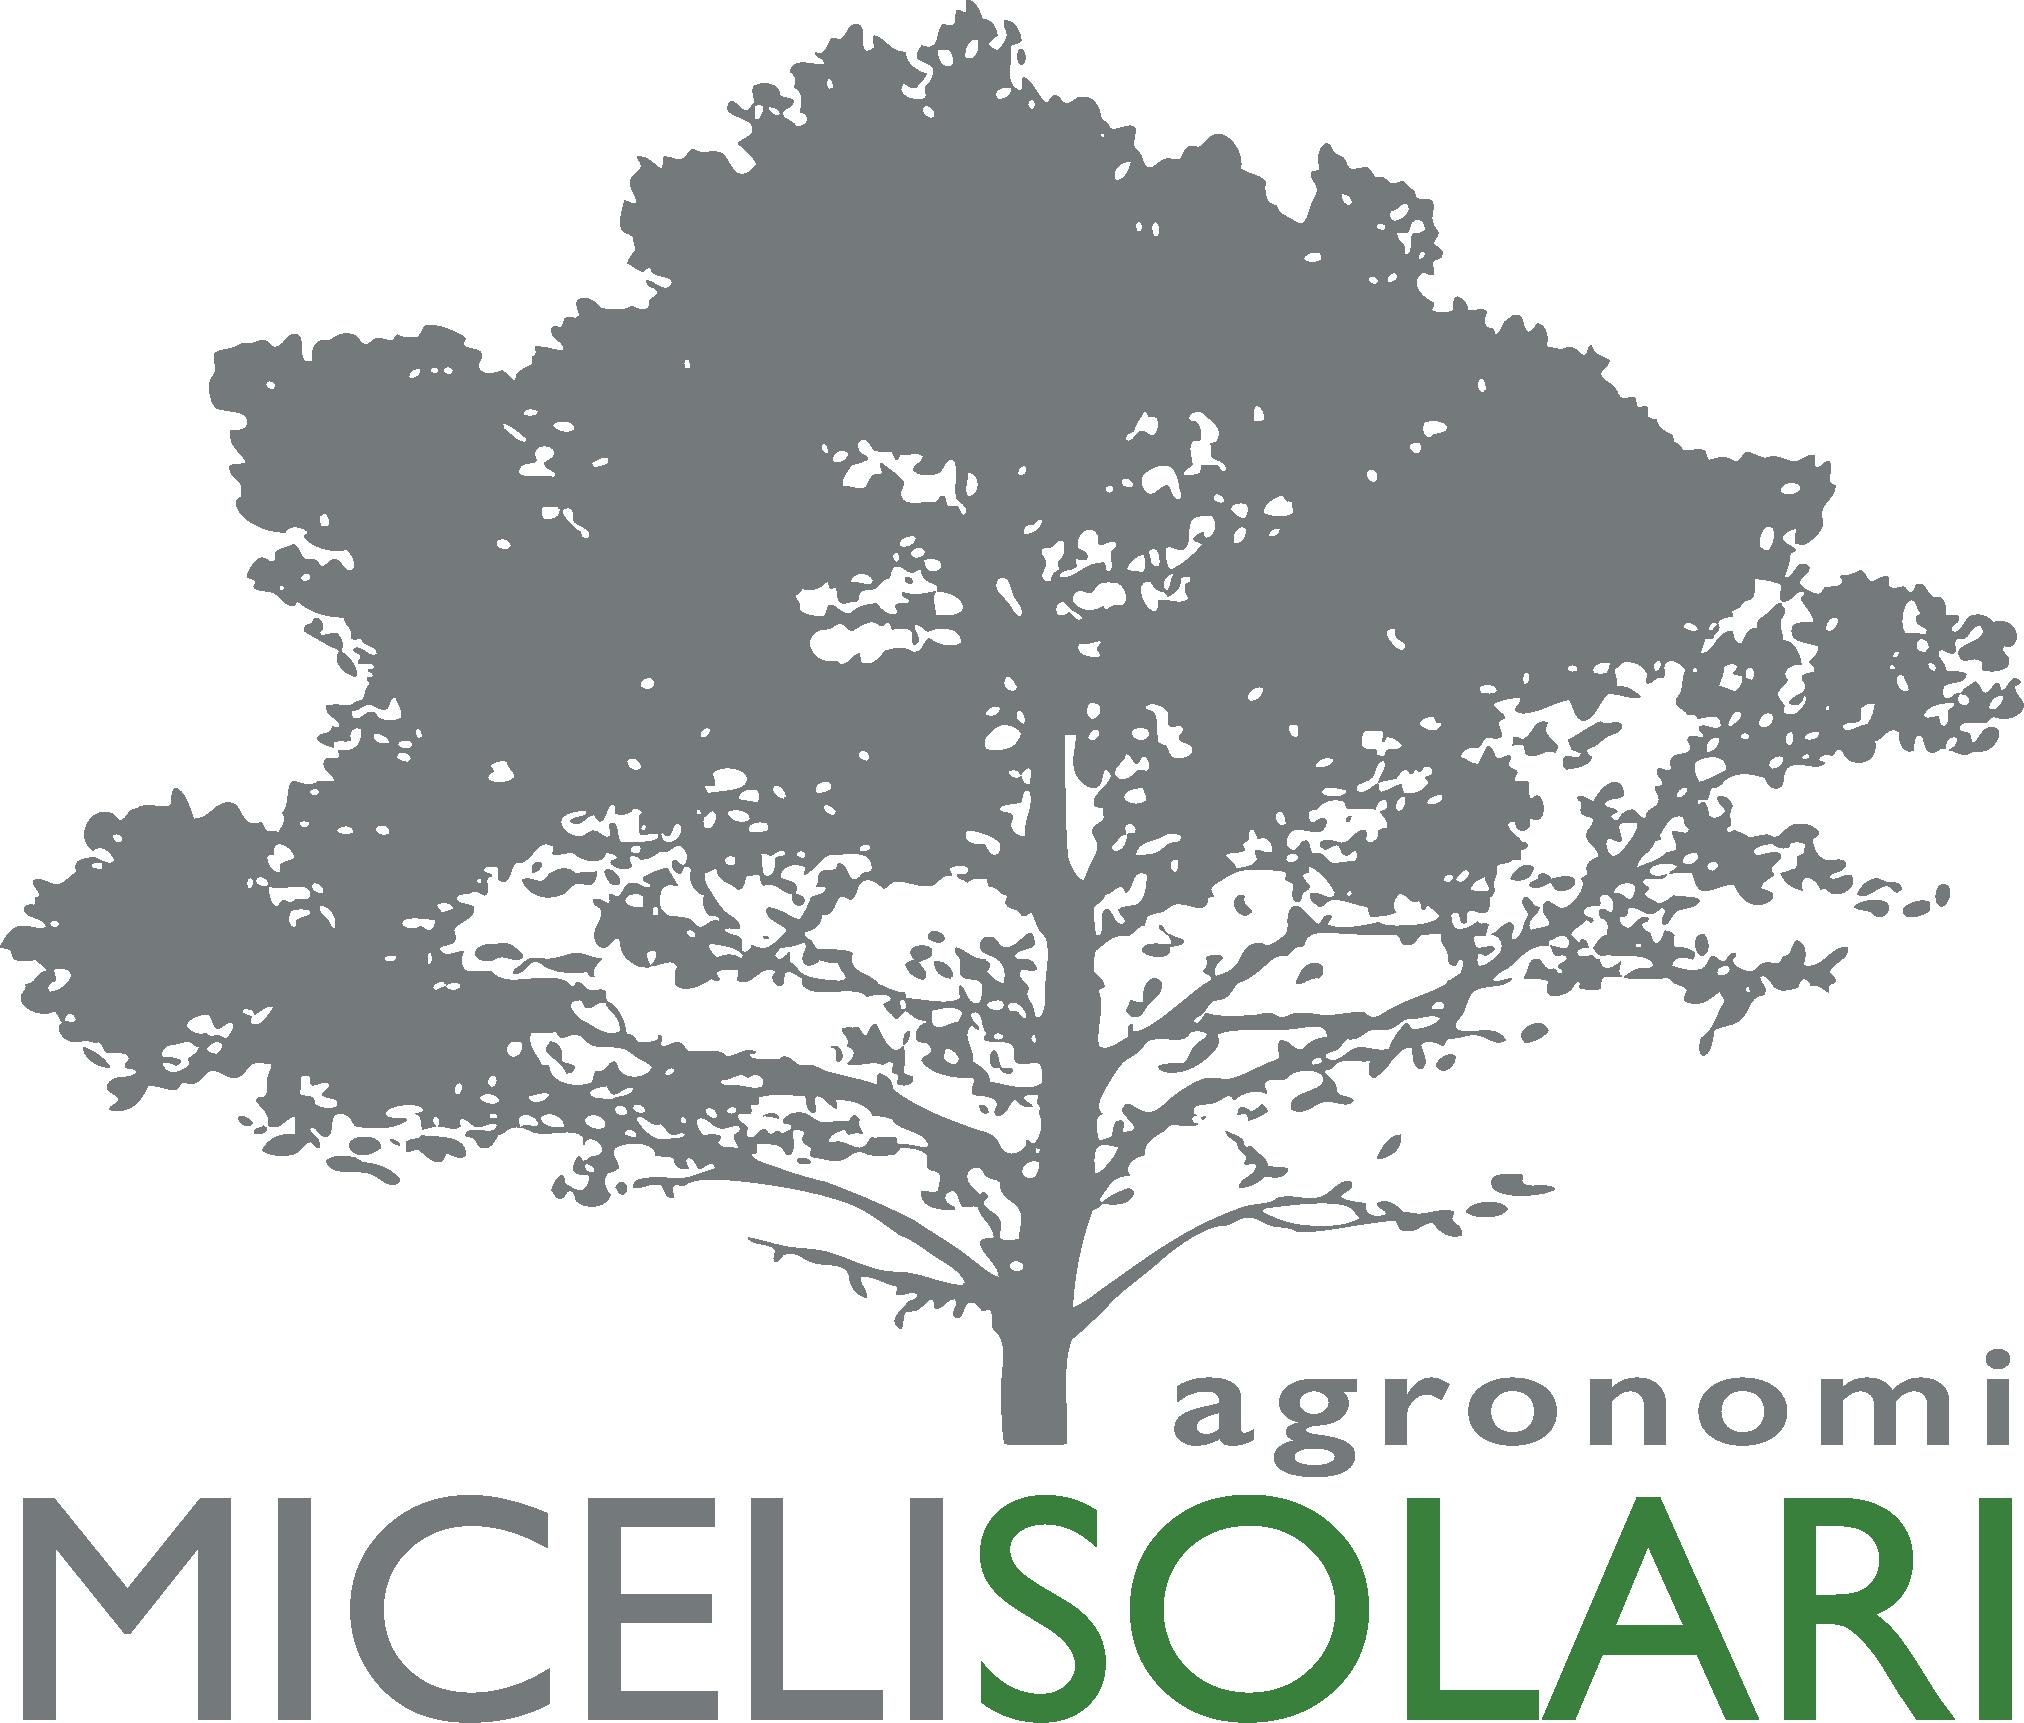 Miceli Solari Agronomi